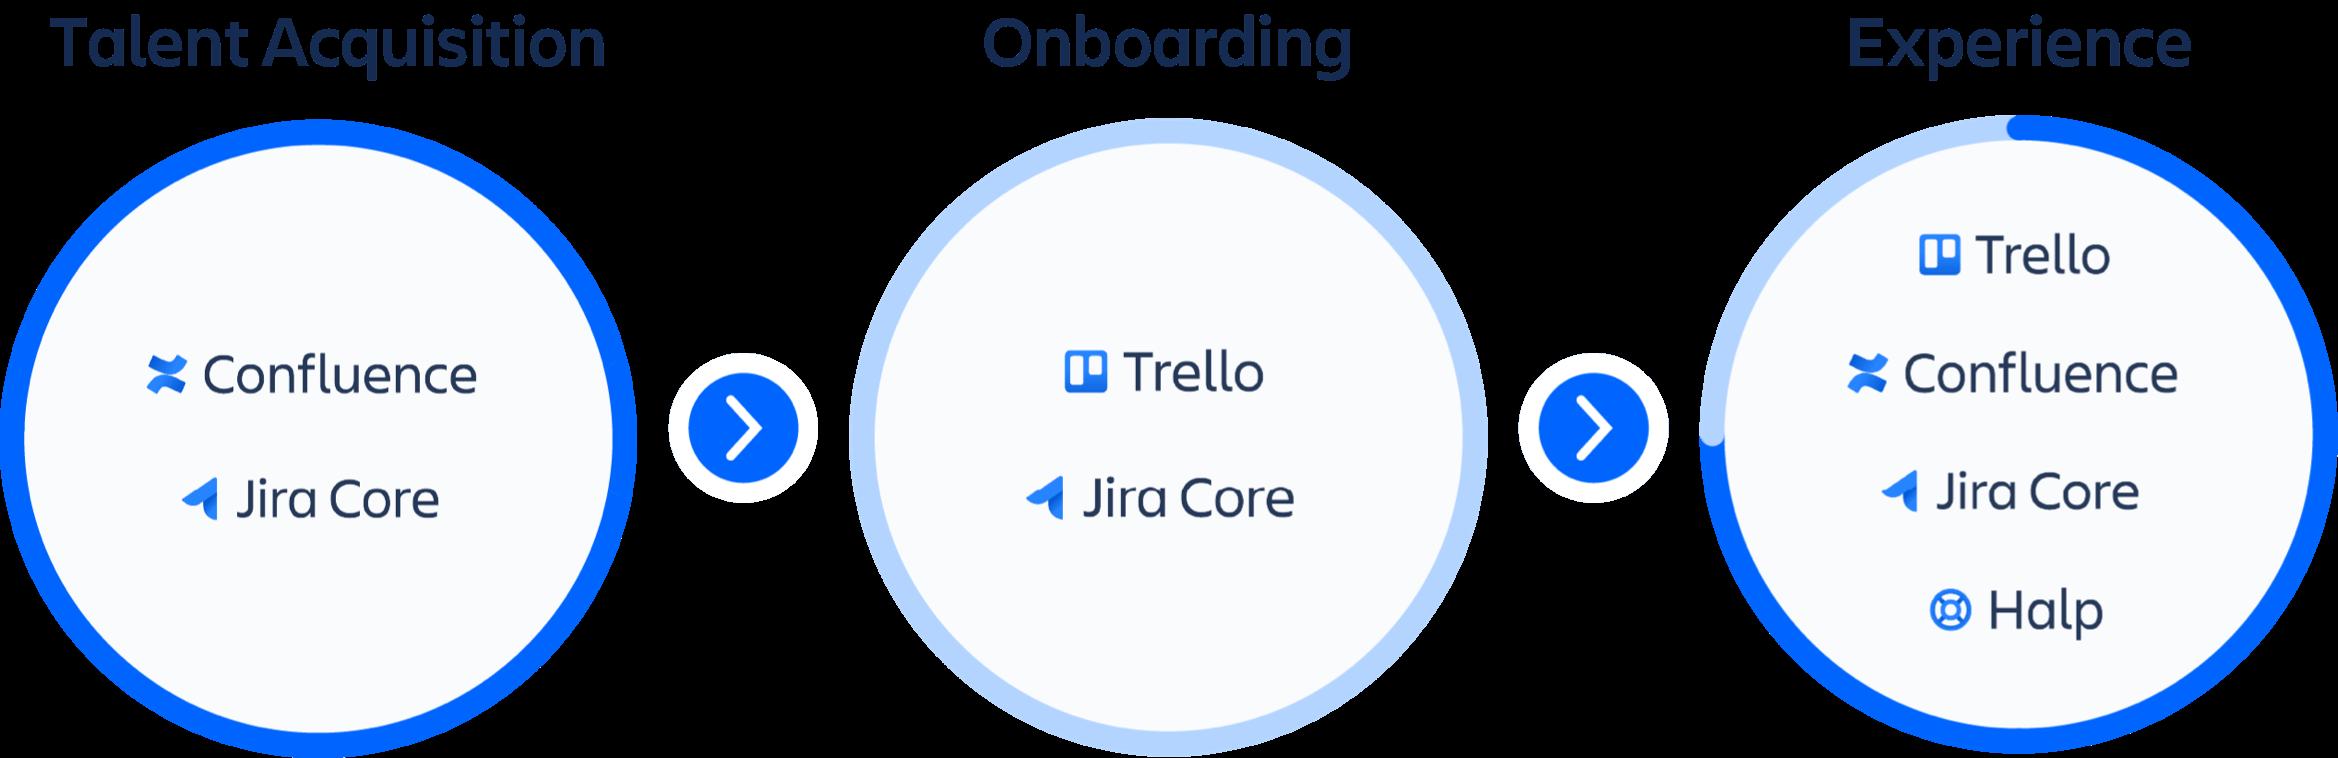 Изображение: продукты для подбора квалифицированных кадров (Confluence и Jira Core) с продуктами для адаптации новых сотрудников (Trello и Jira Core)